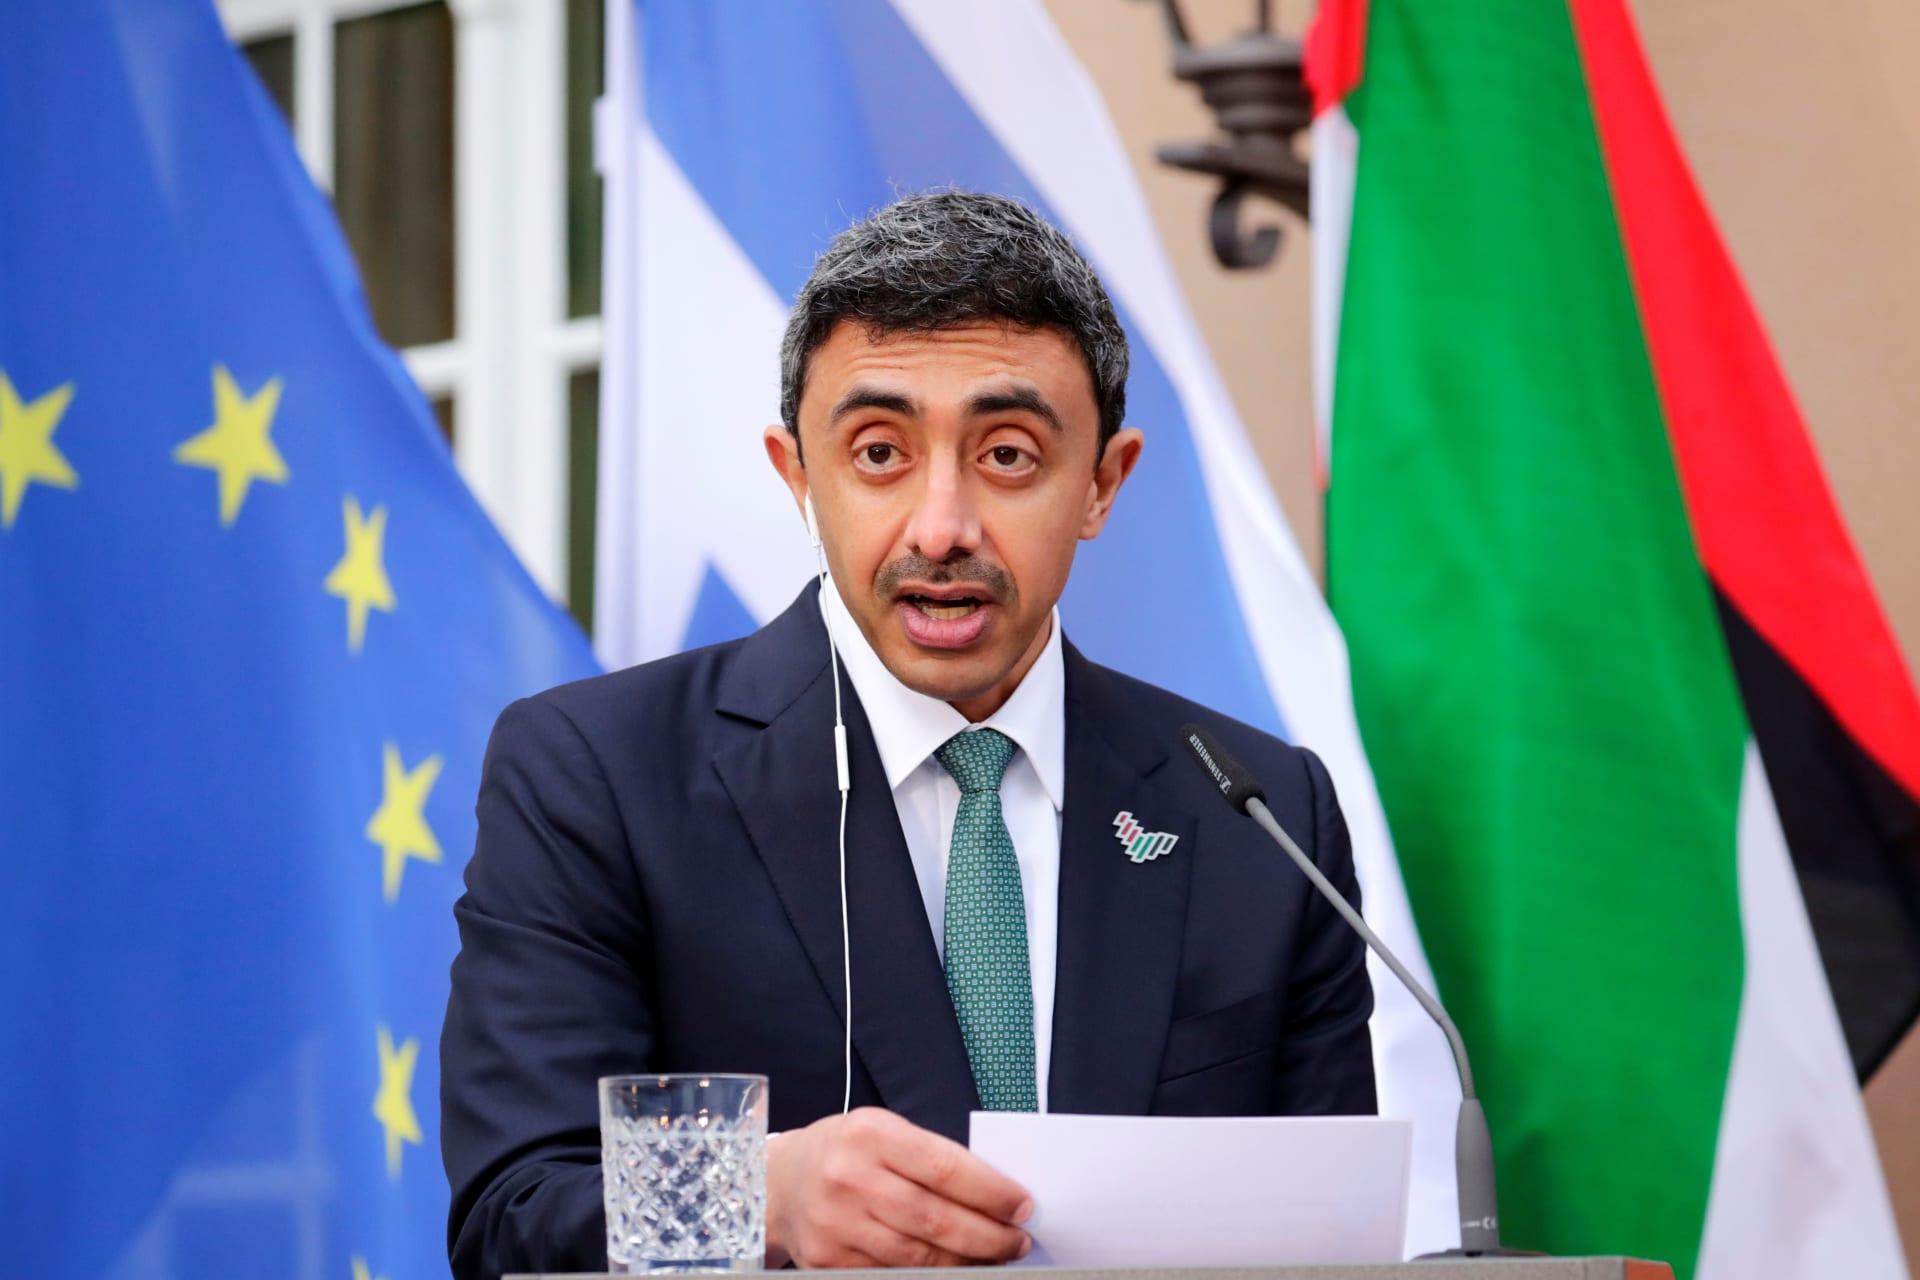 عبدلله بن زايد بمؤتمر صحفي مع نظيره الإسرائيلي: نأمل اليوم أن نصنع التاريخ